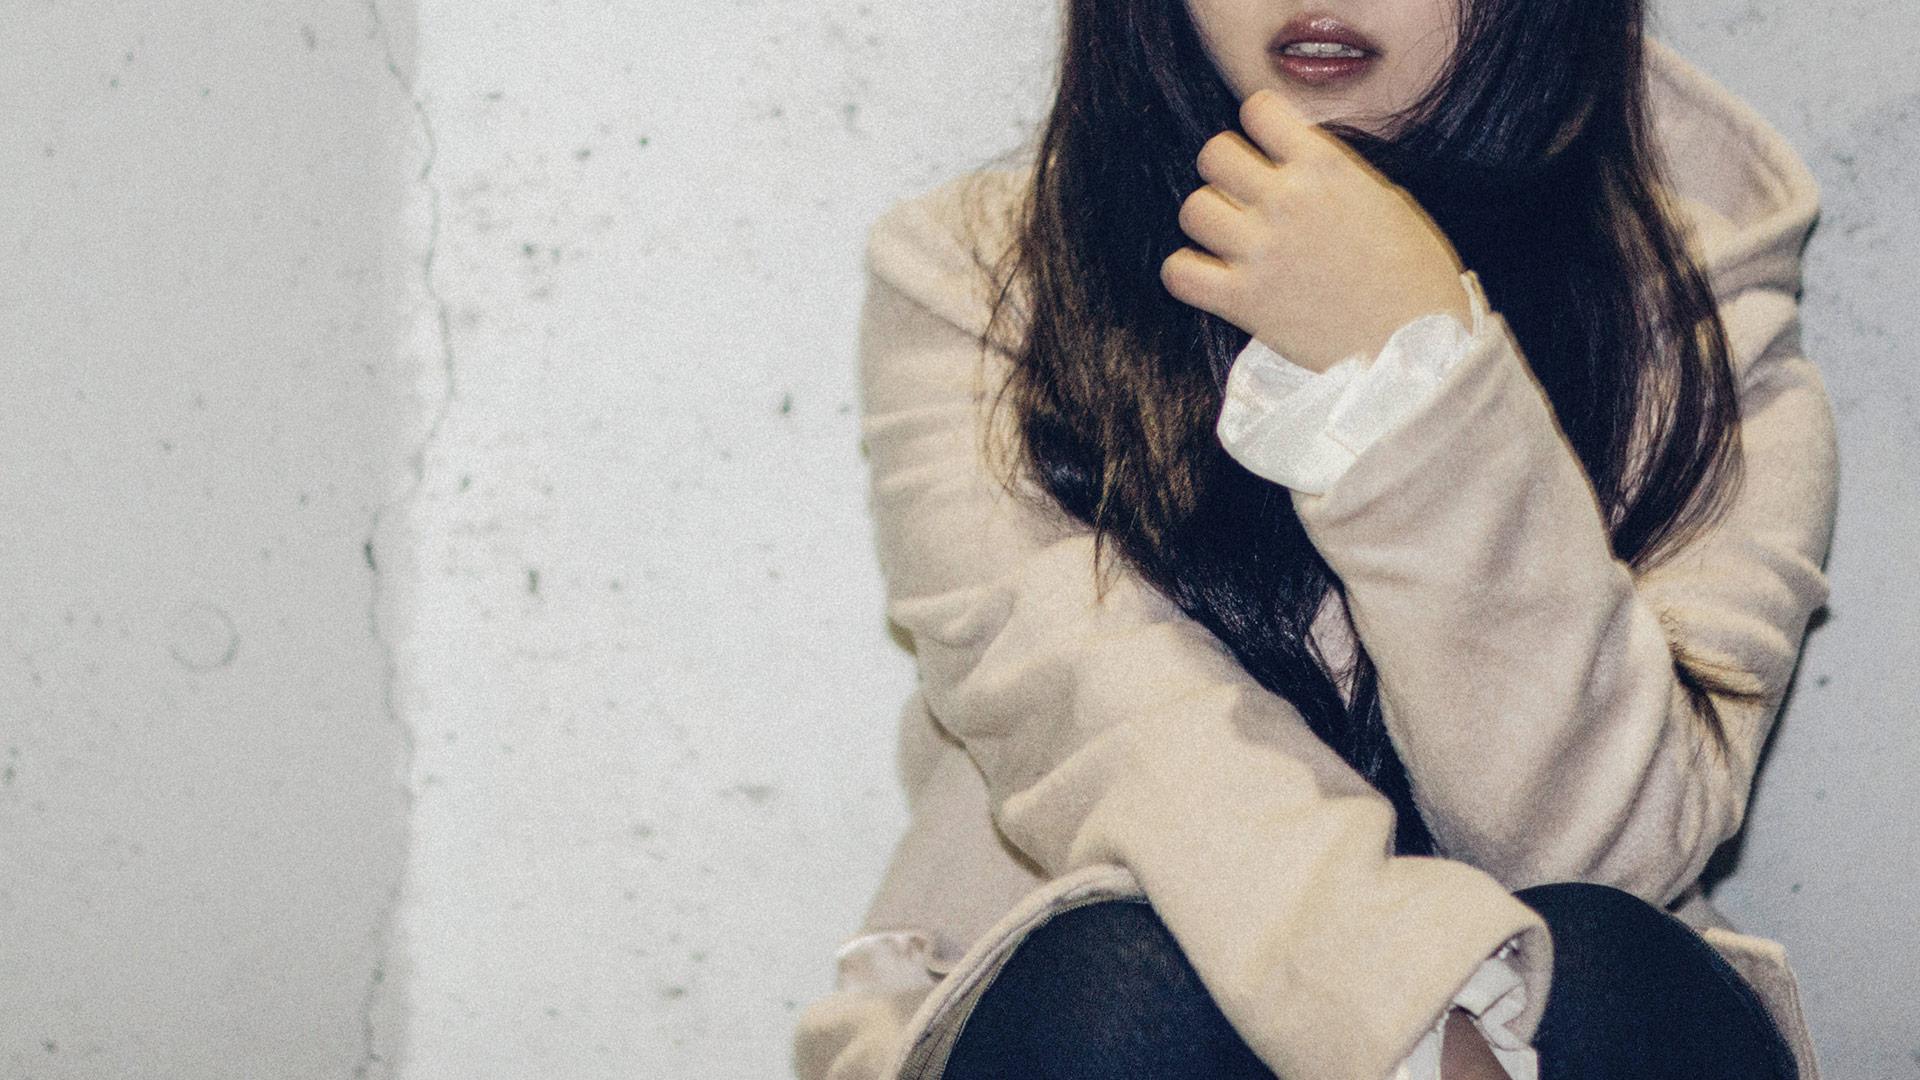 【行動・素行・尾行調査】悪質なSNSサイトにより、被害を受けた少女の件